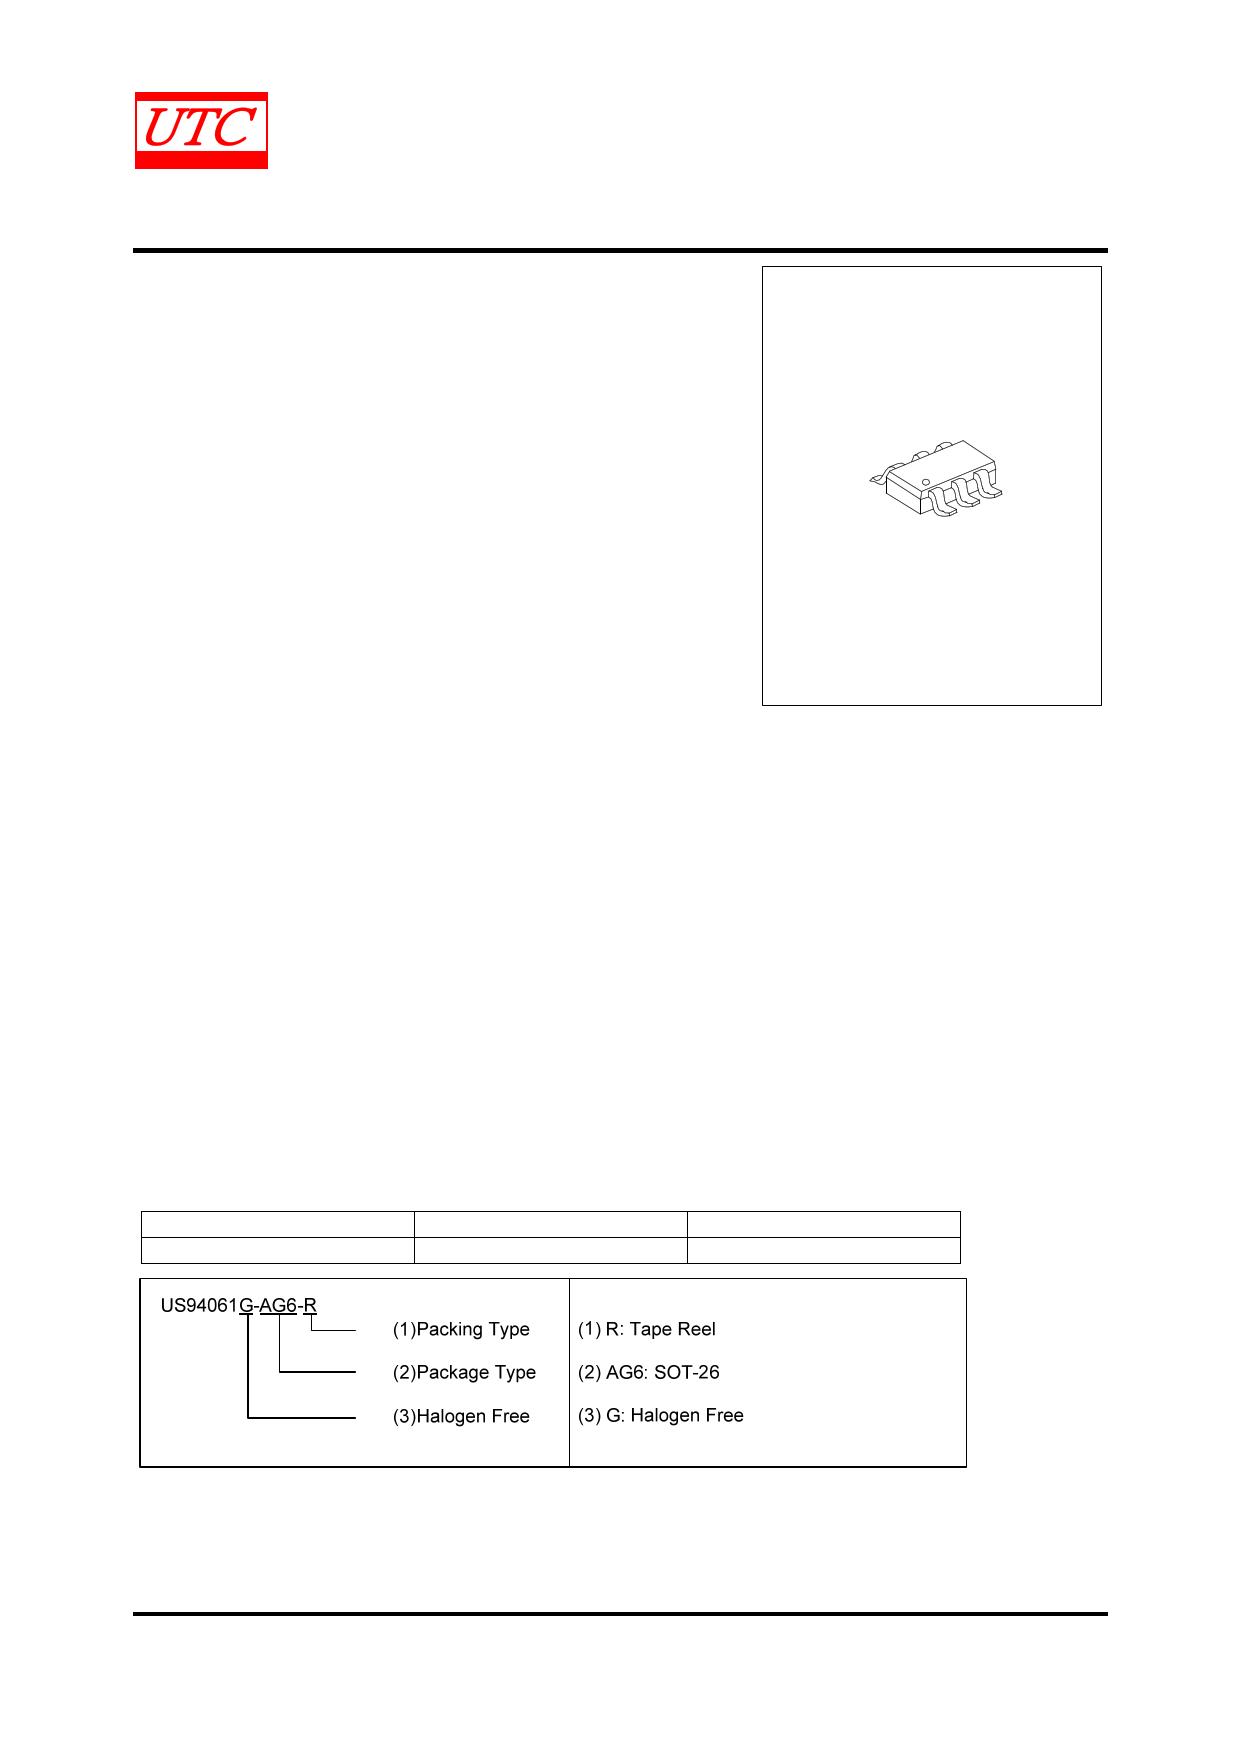 US94061 datasheet